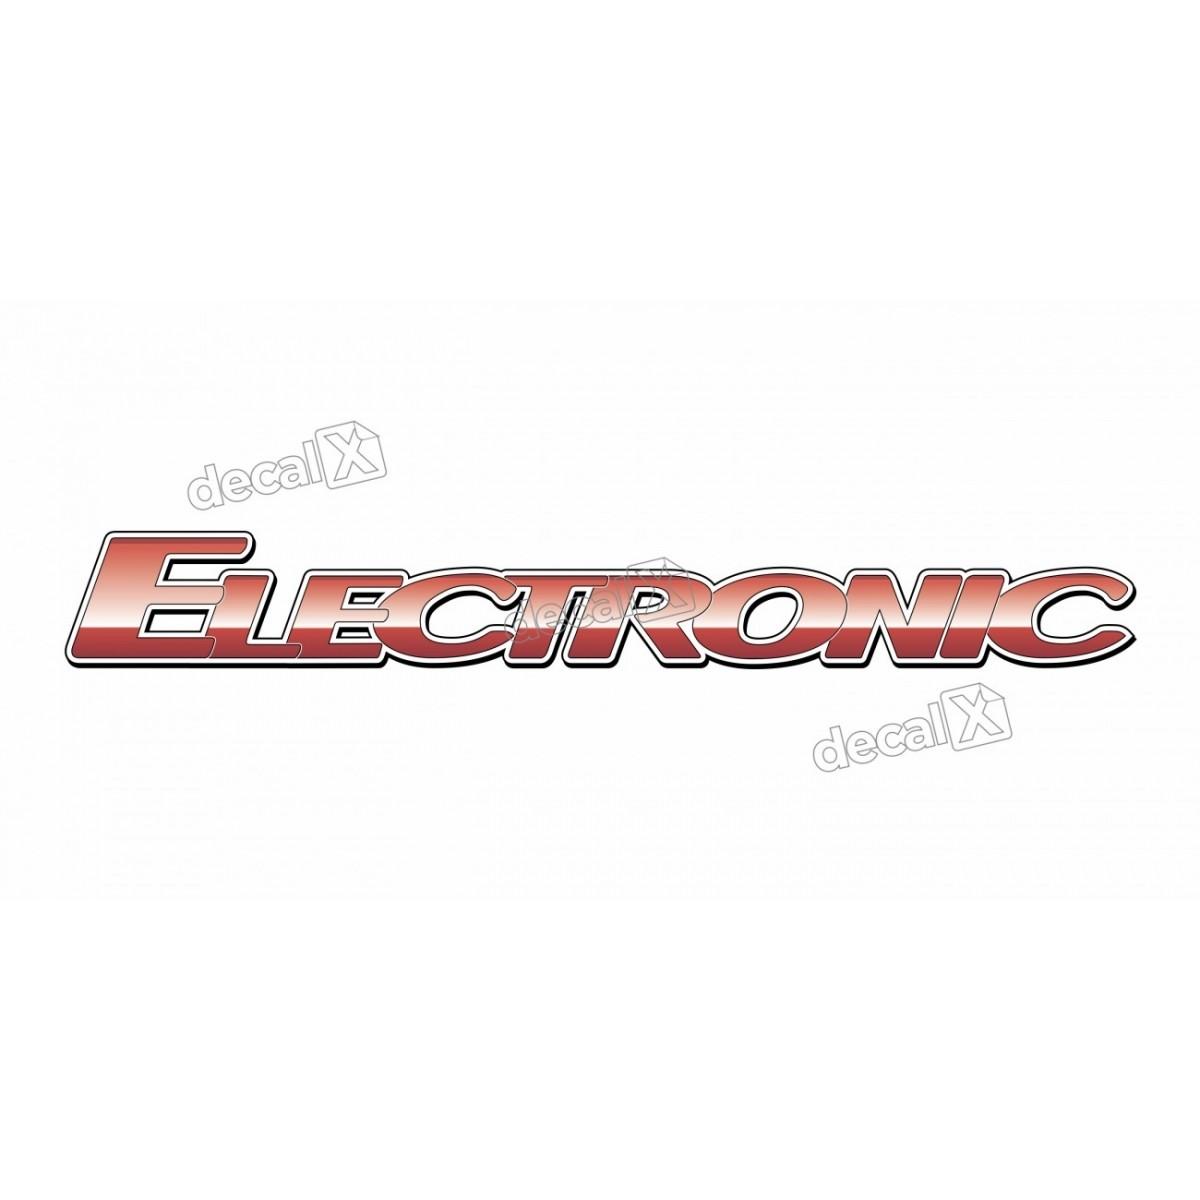 Adesivo Emblema Resinado Mercedes Electronic Cm93 Decalx